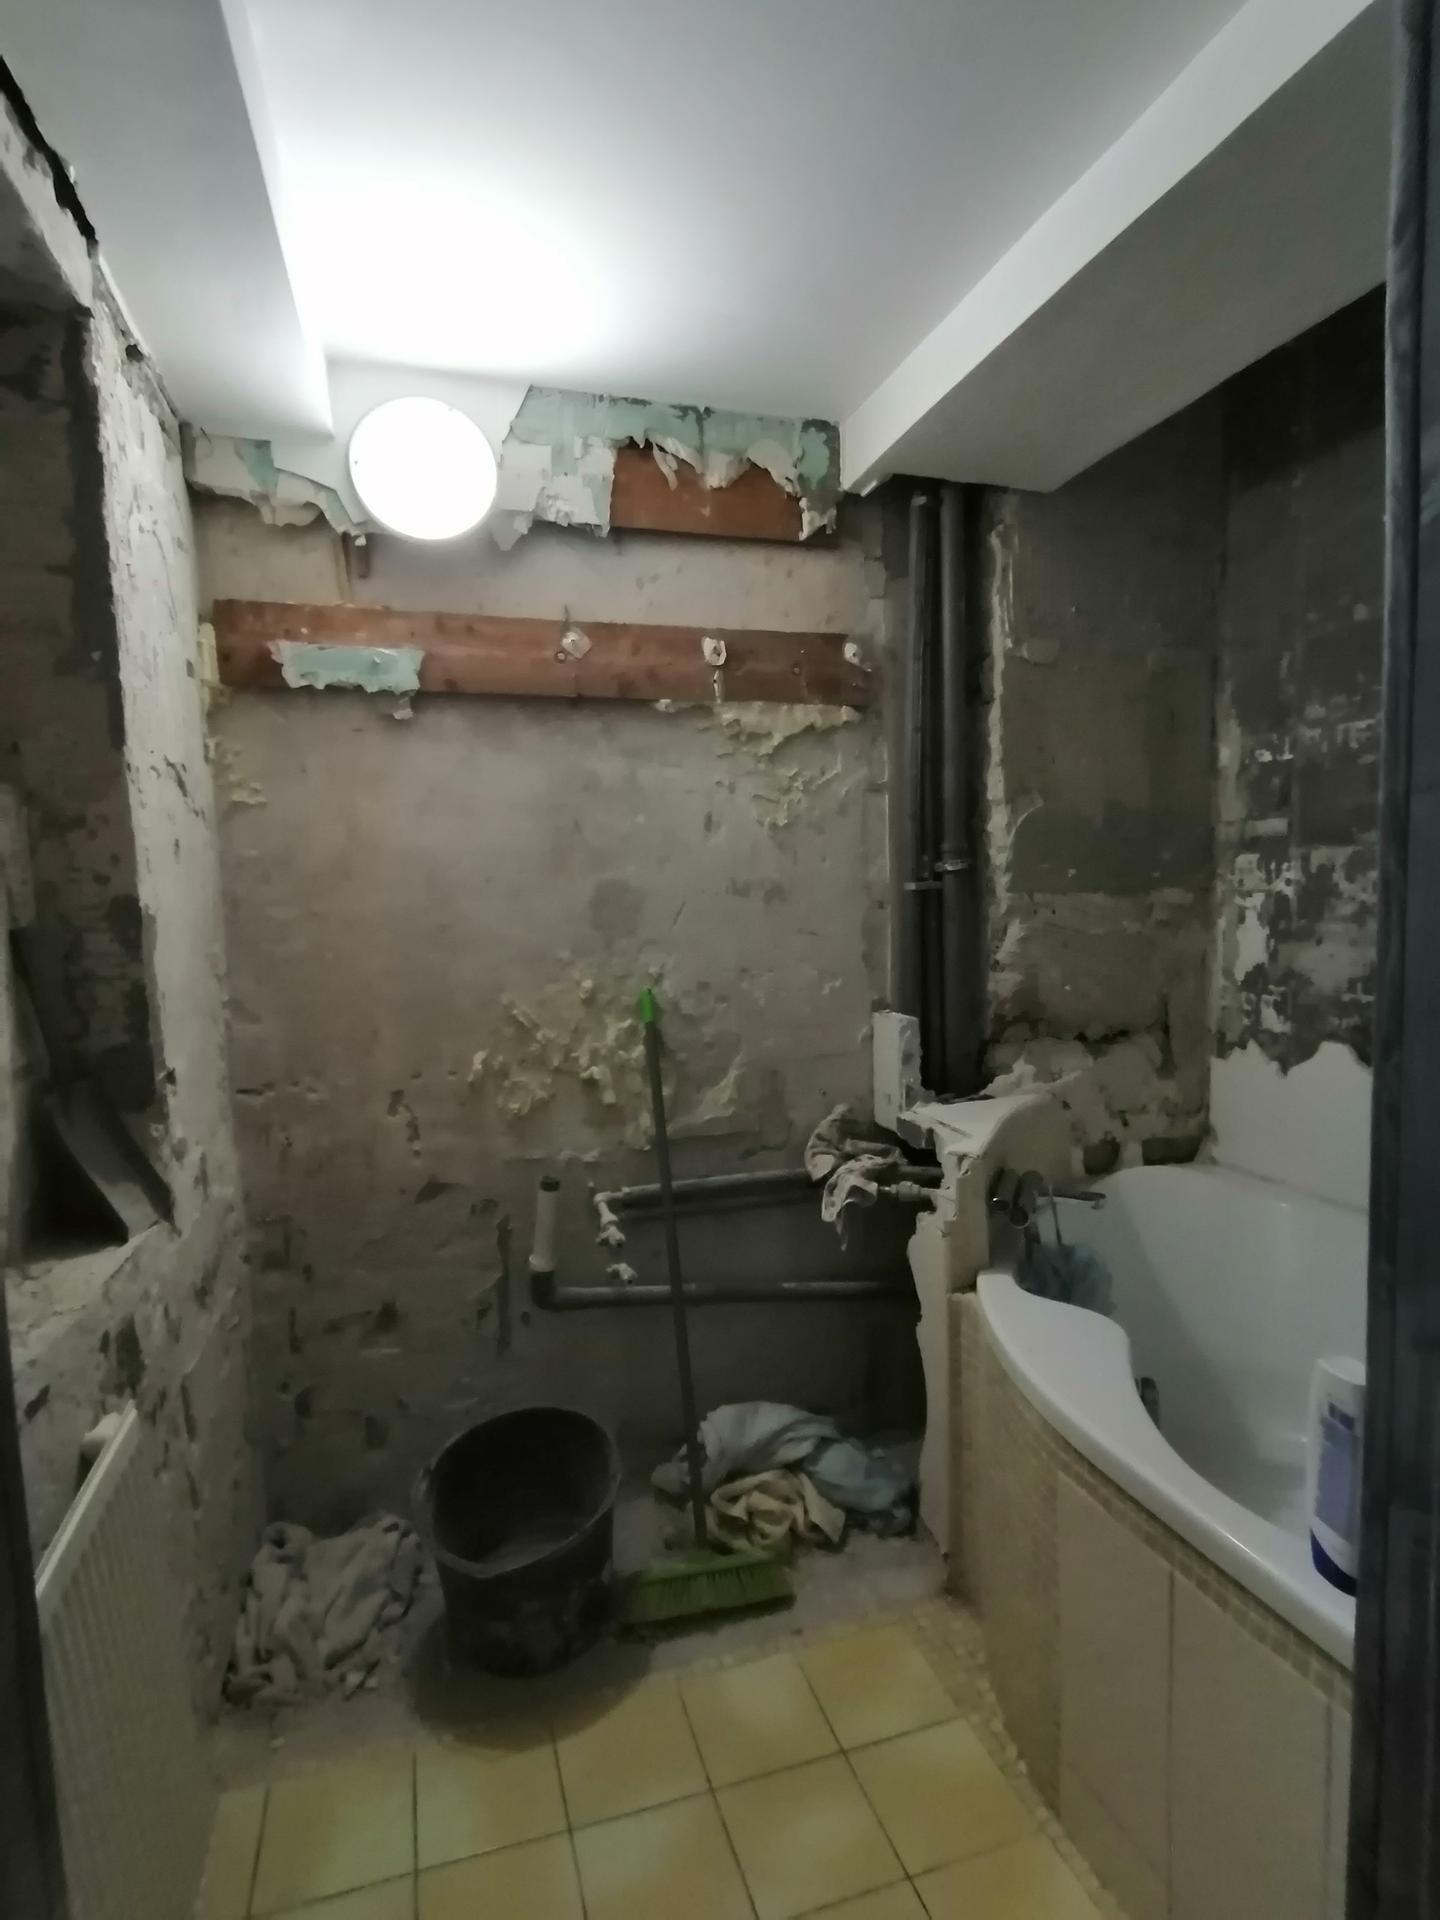 Rekonstrukce koupelny - Obrázek č. 8